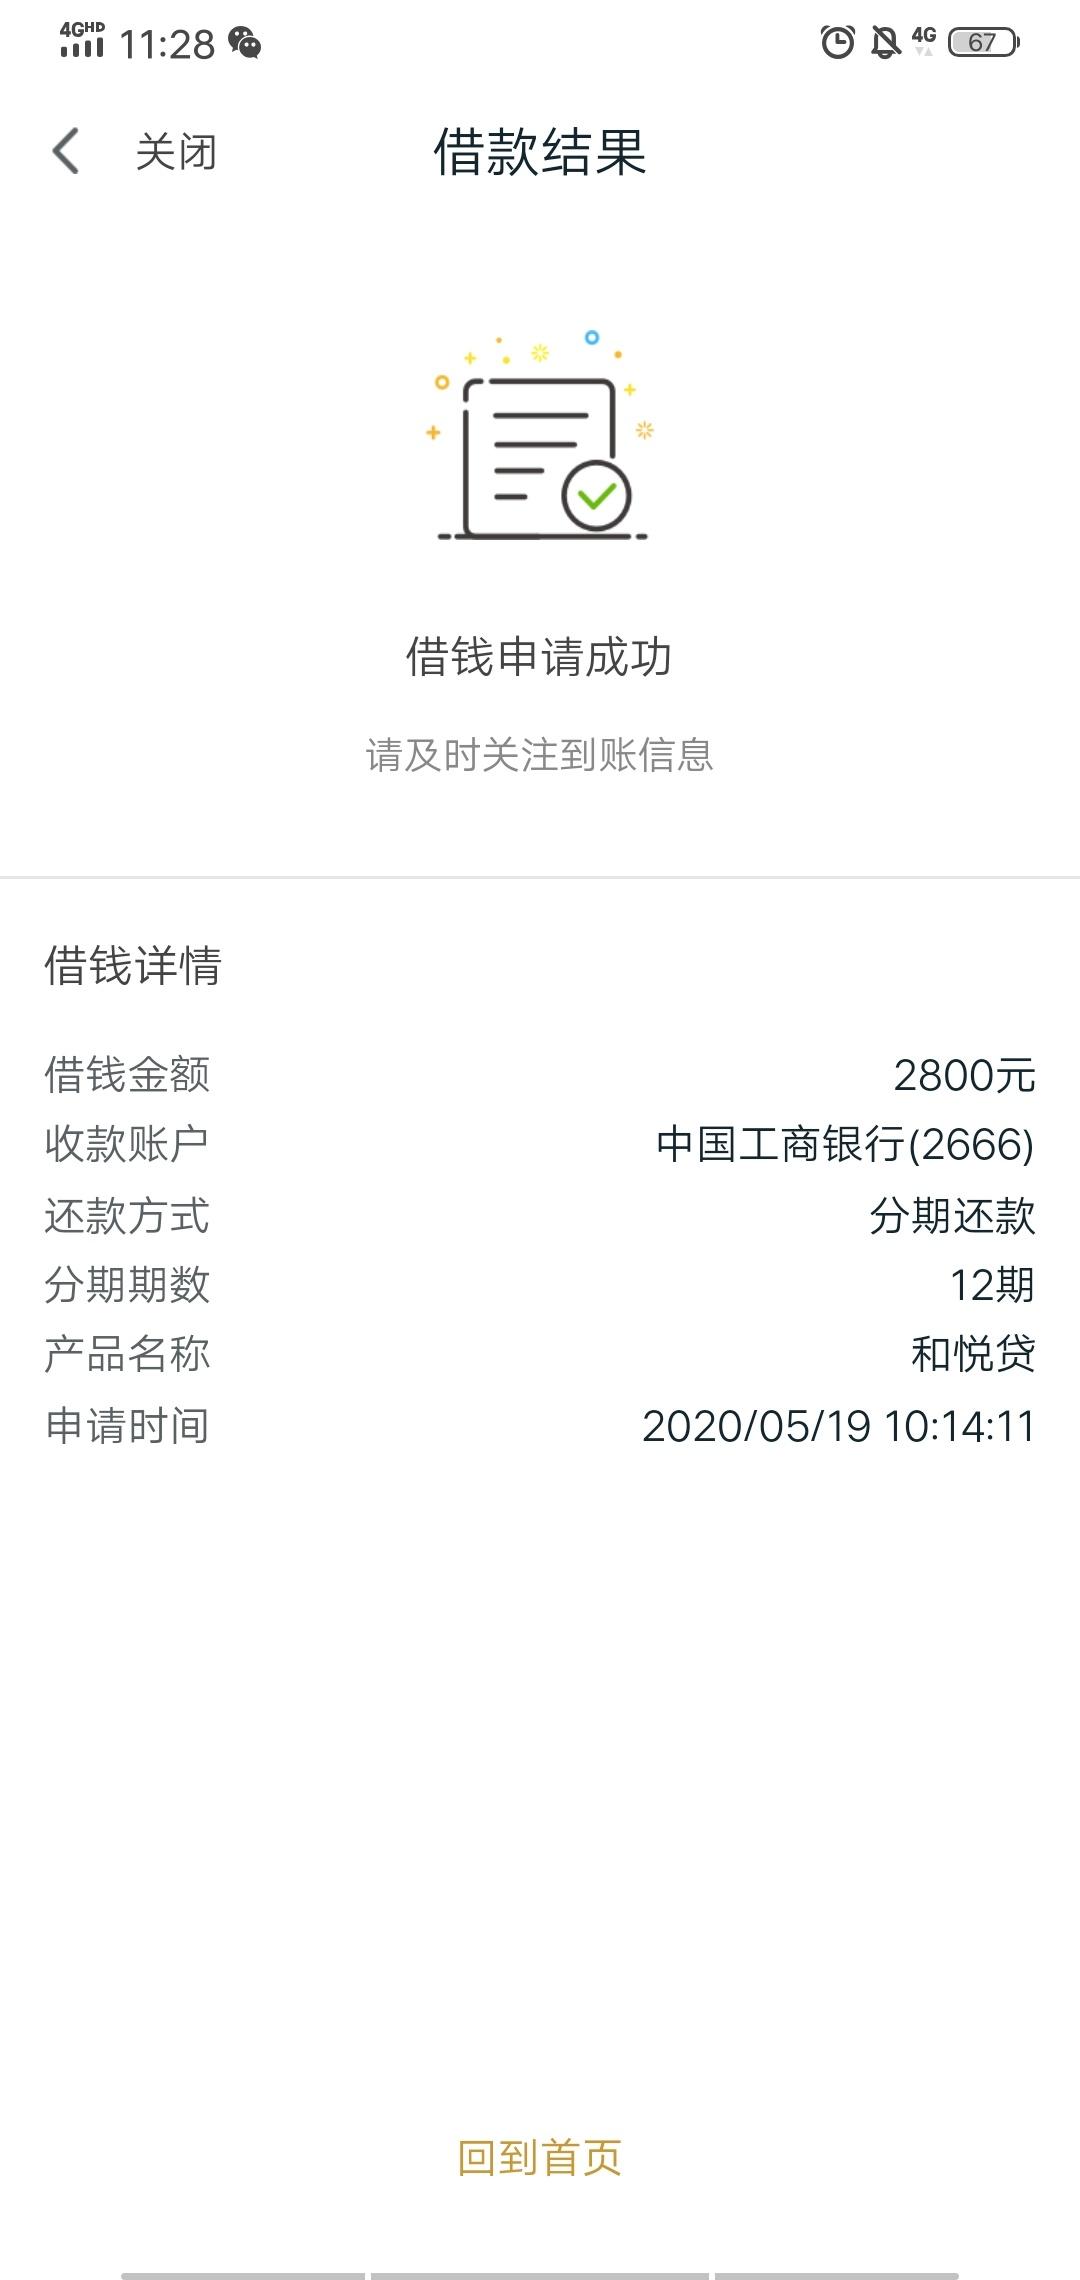 #和包支付能不能下款#征集测评,获奖得88现金!!11 / 作者:azz66666 /